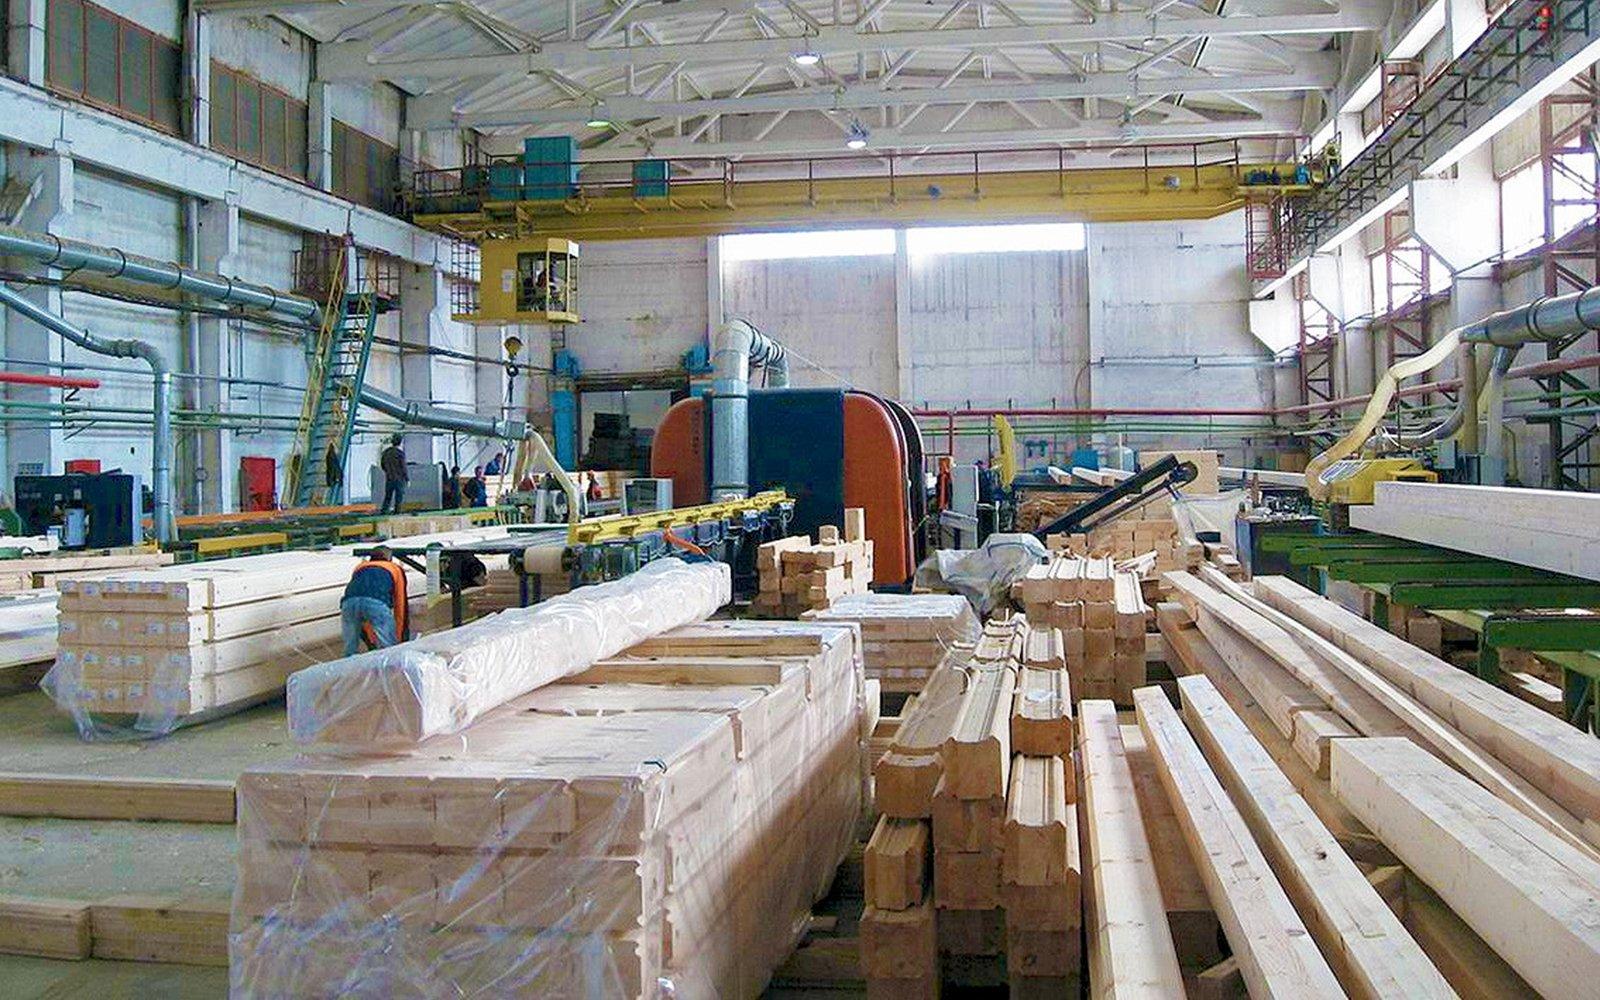 interno di una fabbrica con delle travi di legno